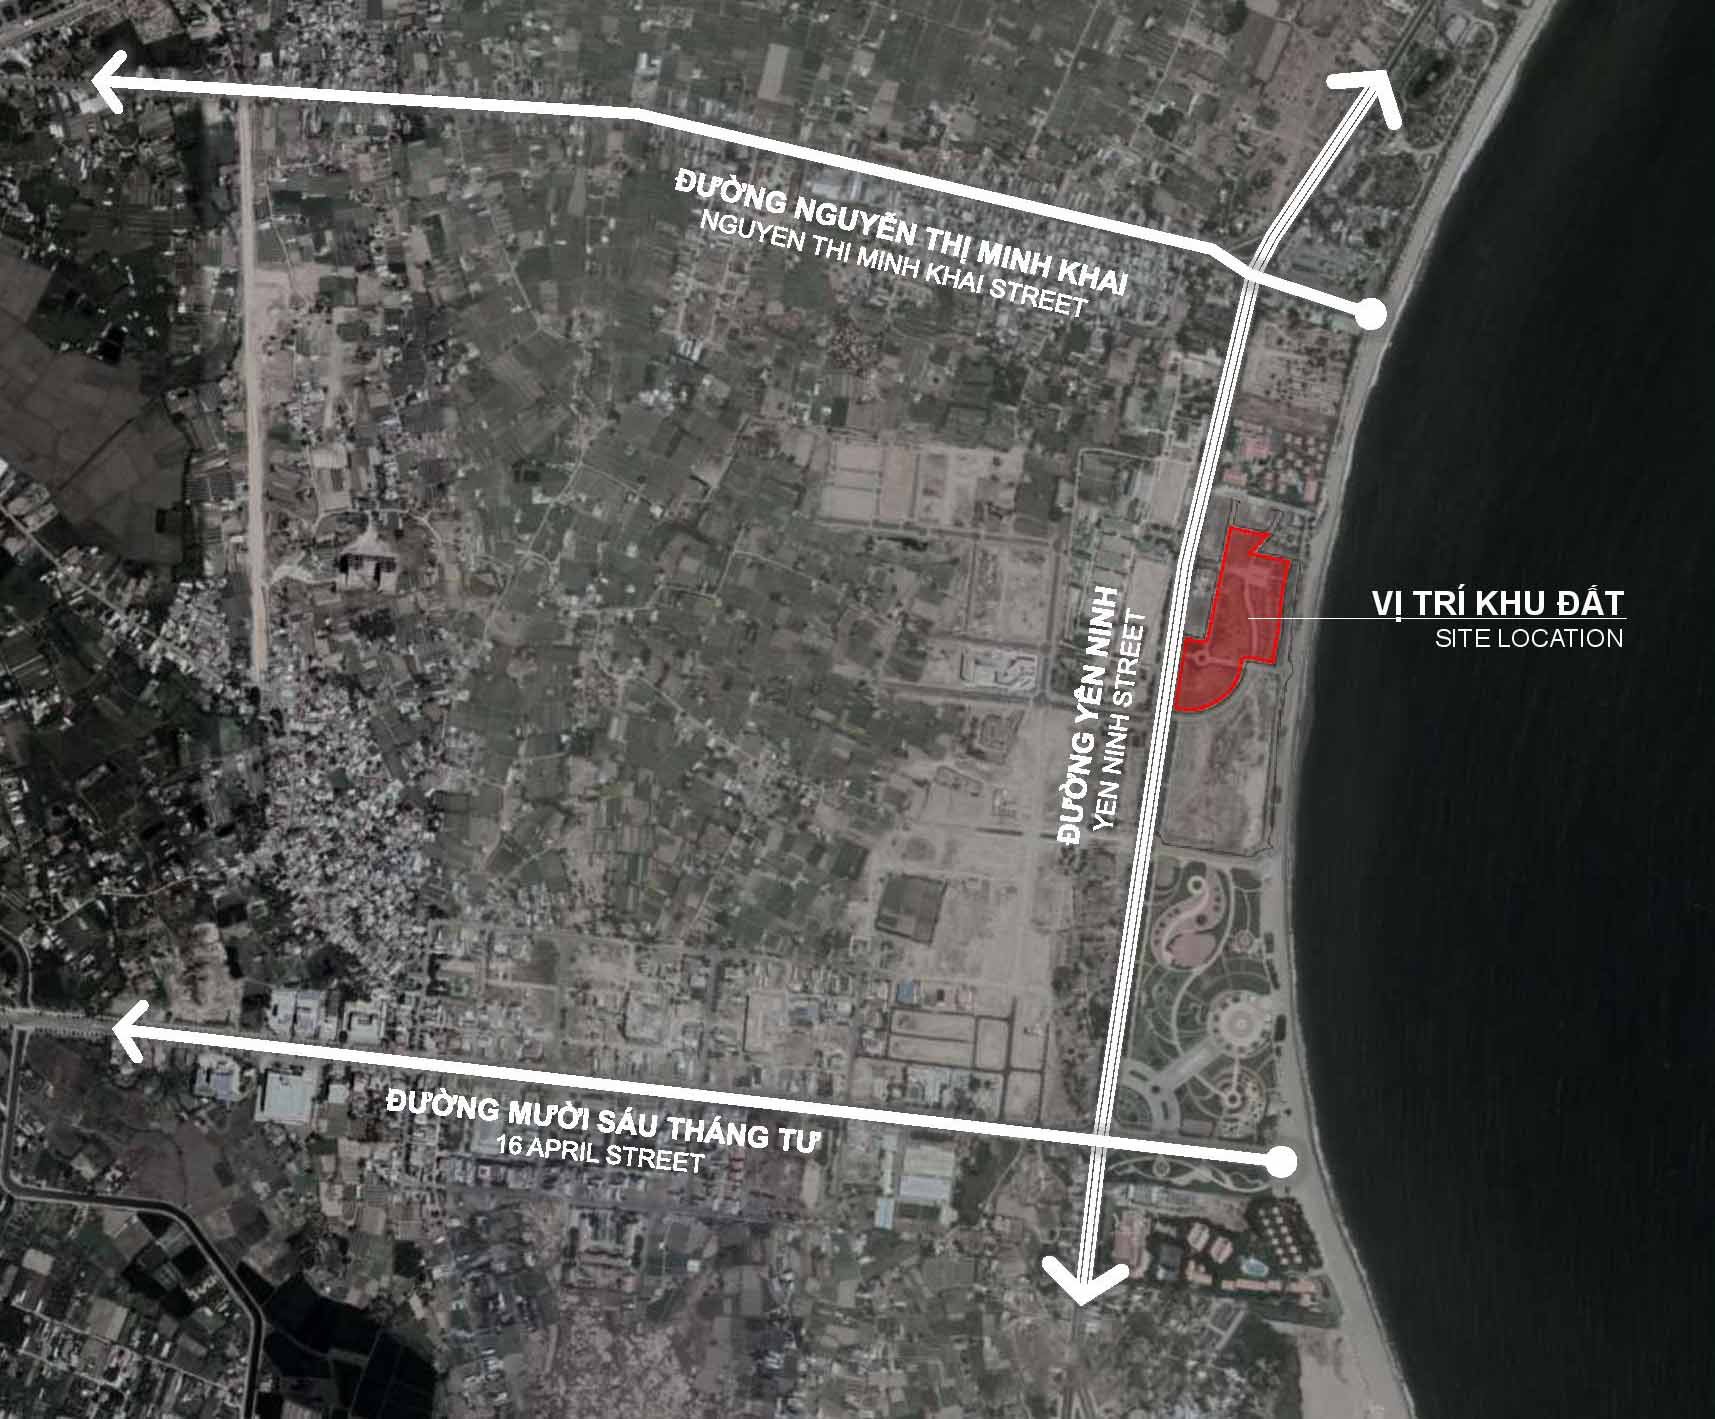 Vị trí khu đất dự án Sunbay Park Phan Rang Ninh Thuận